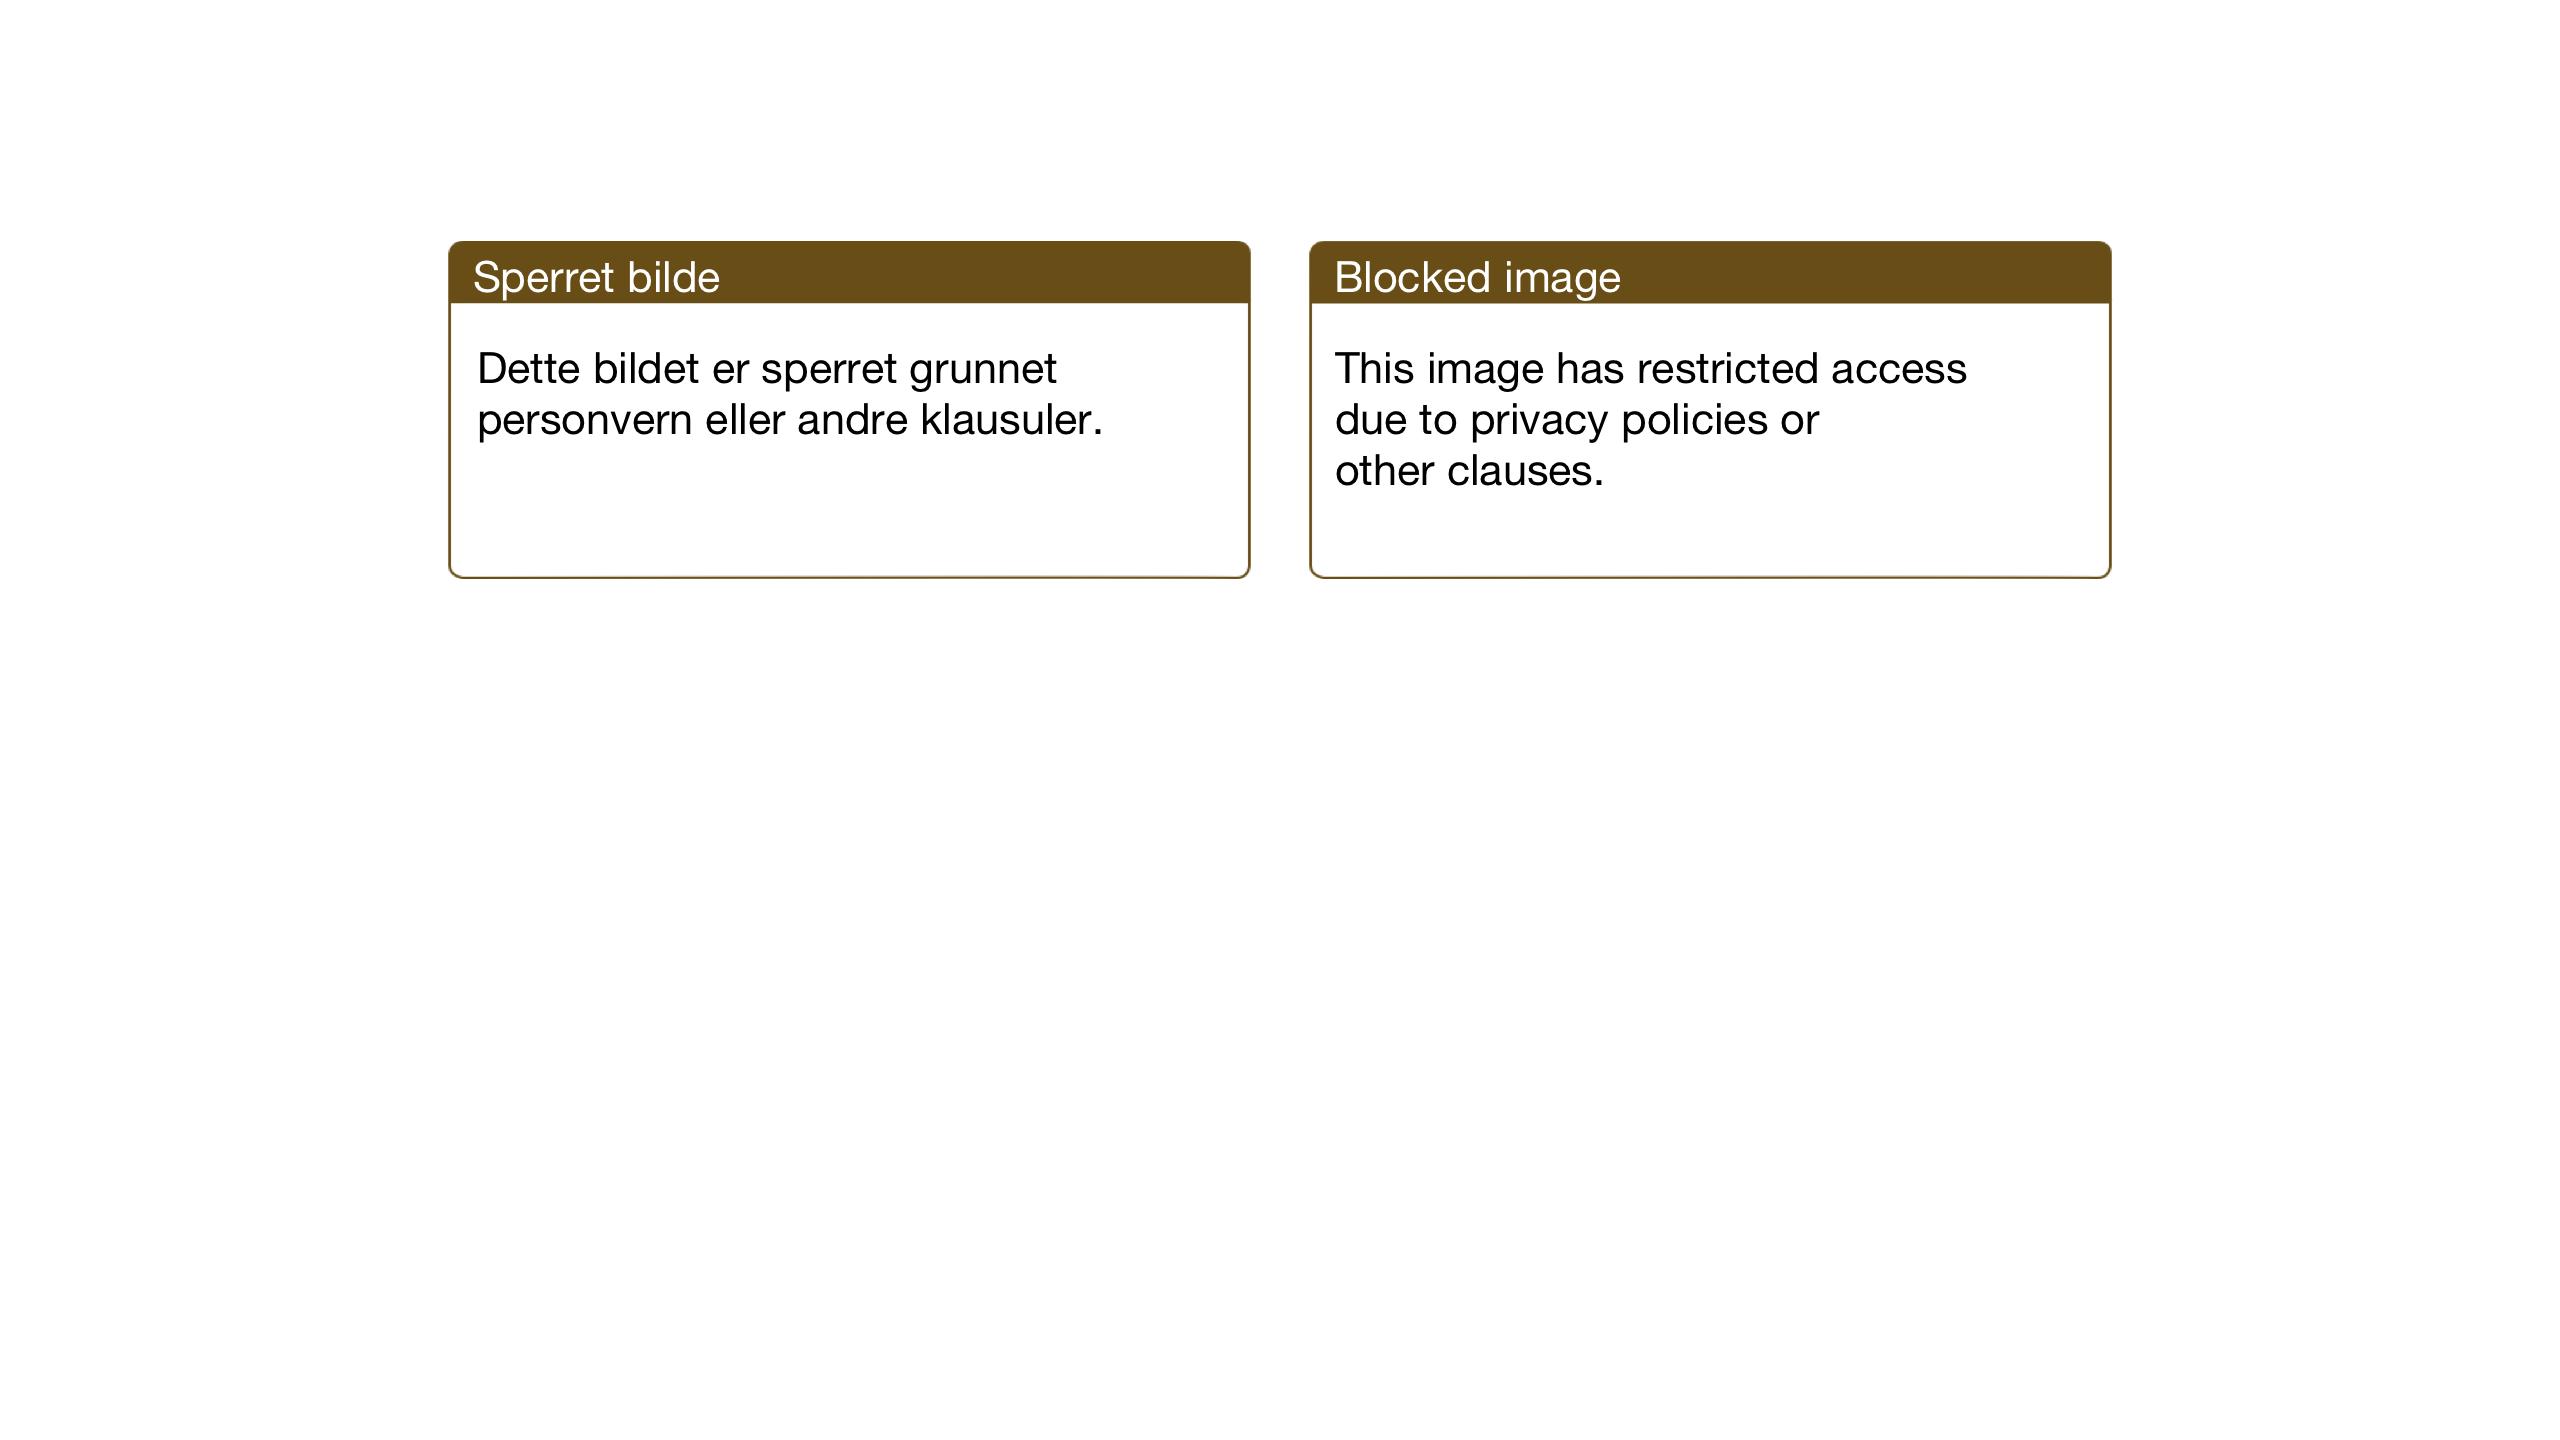 SAT, Ministerialprotokoller, klokkerbøker og fødselsregistre - Nord-Trøndelag, 744/L0425: Klokkerbok nr. 744C04, 1924-1947, s. 29